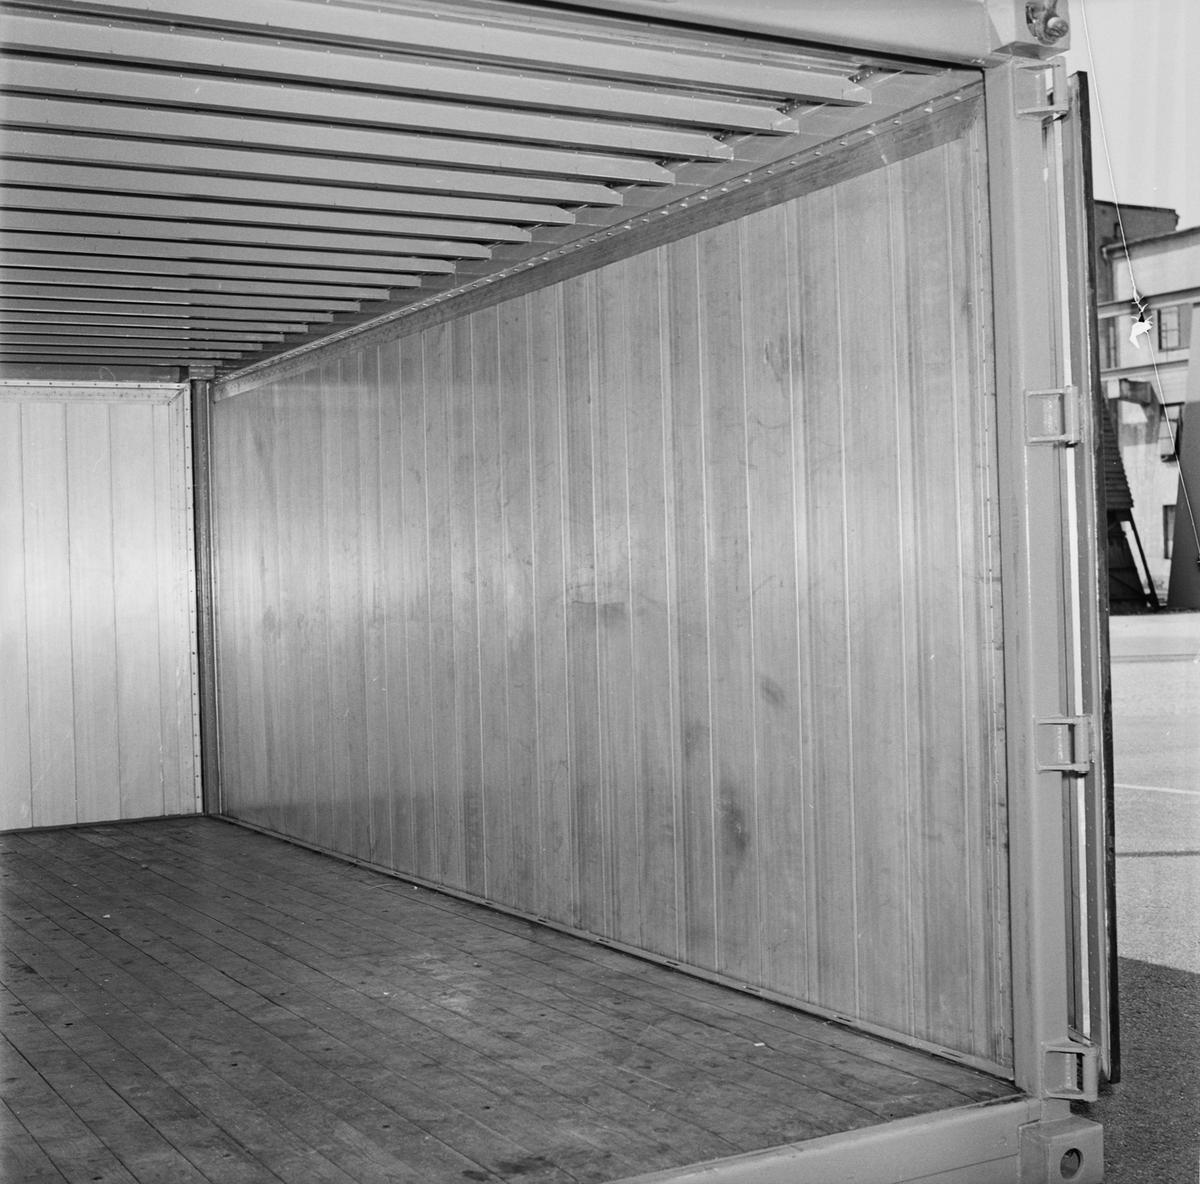 Övrigt: Fotodatum 3/6 1966 Byggnader och Kranar Contain. Närmast identisk bild: V37162,ej skannad